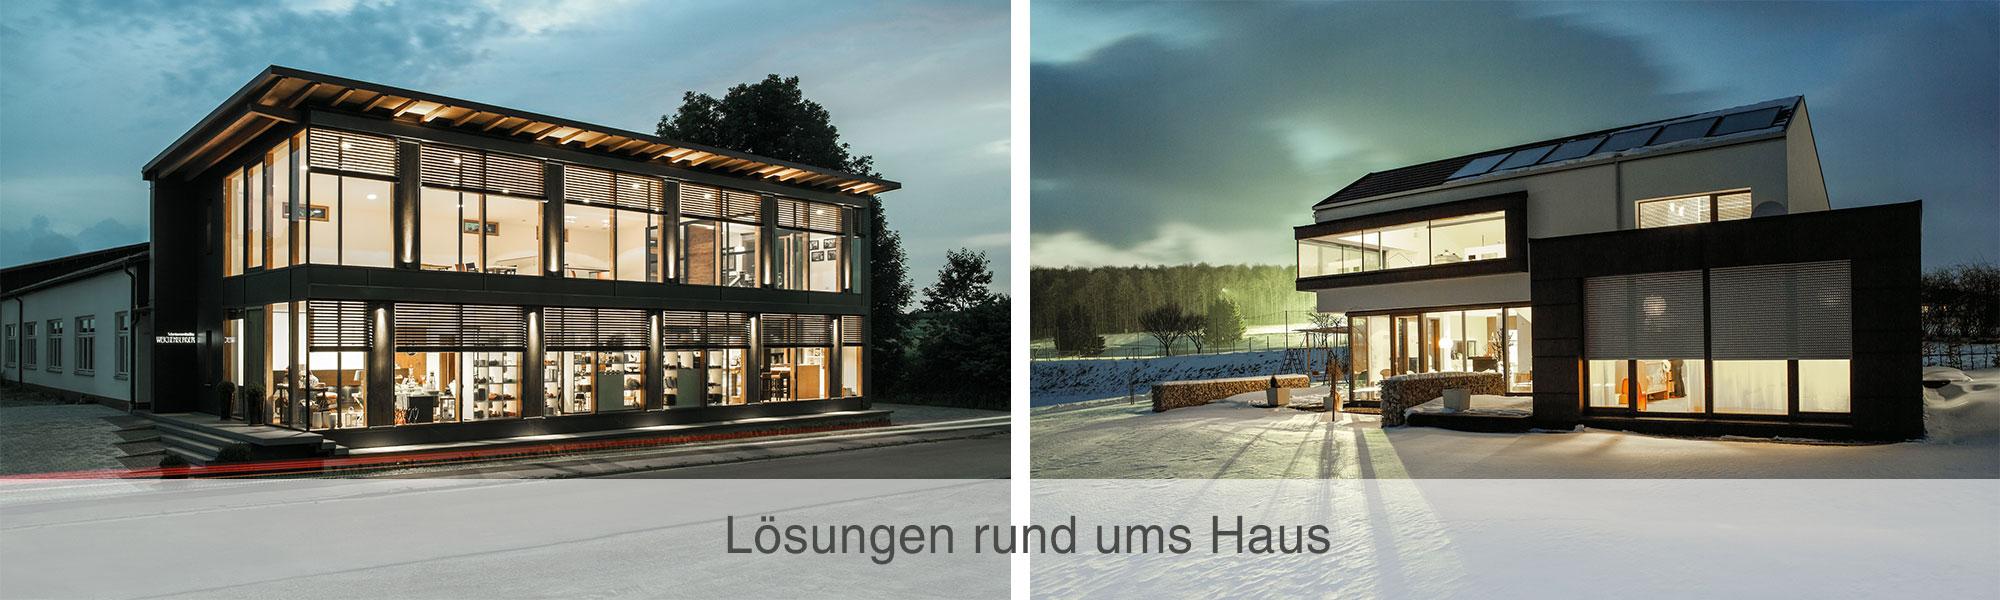 Wulf und Berger in Büttelborn bietet perfekte Lösungen rund ums Haus